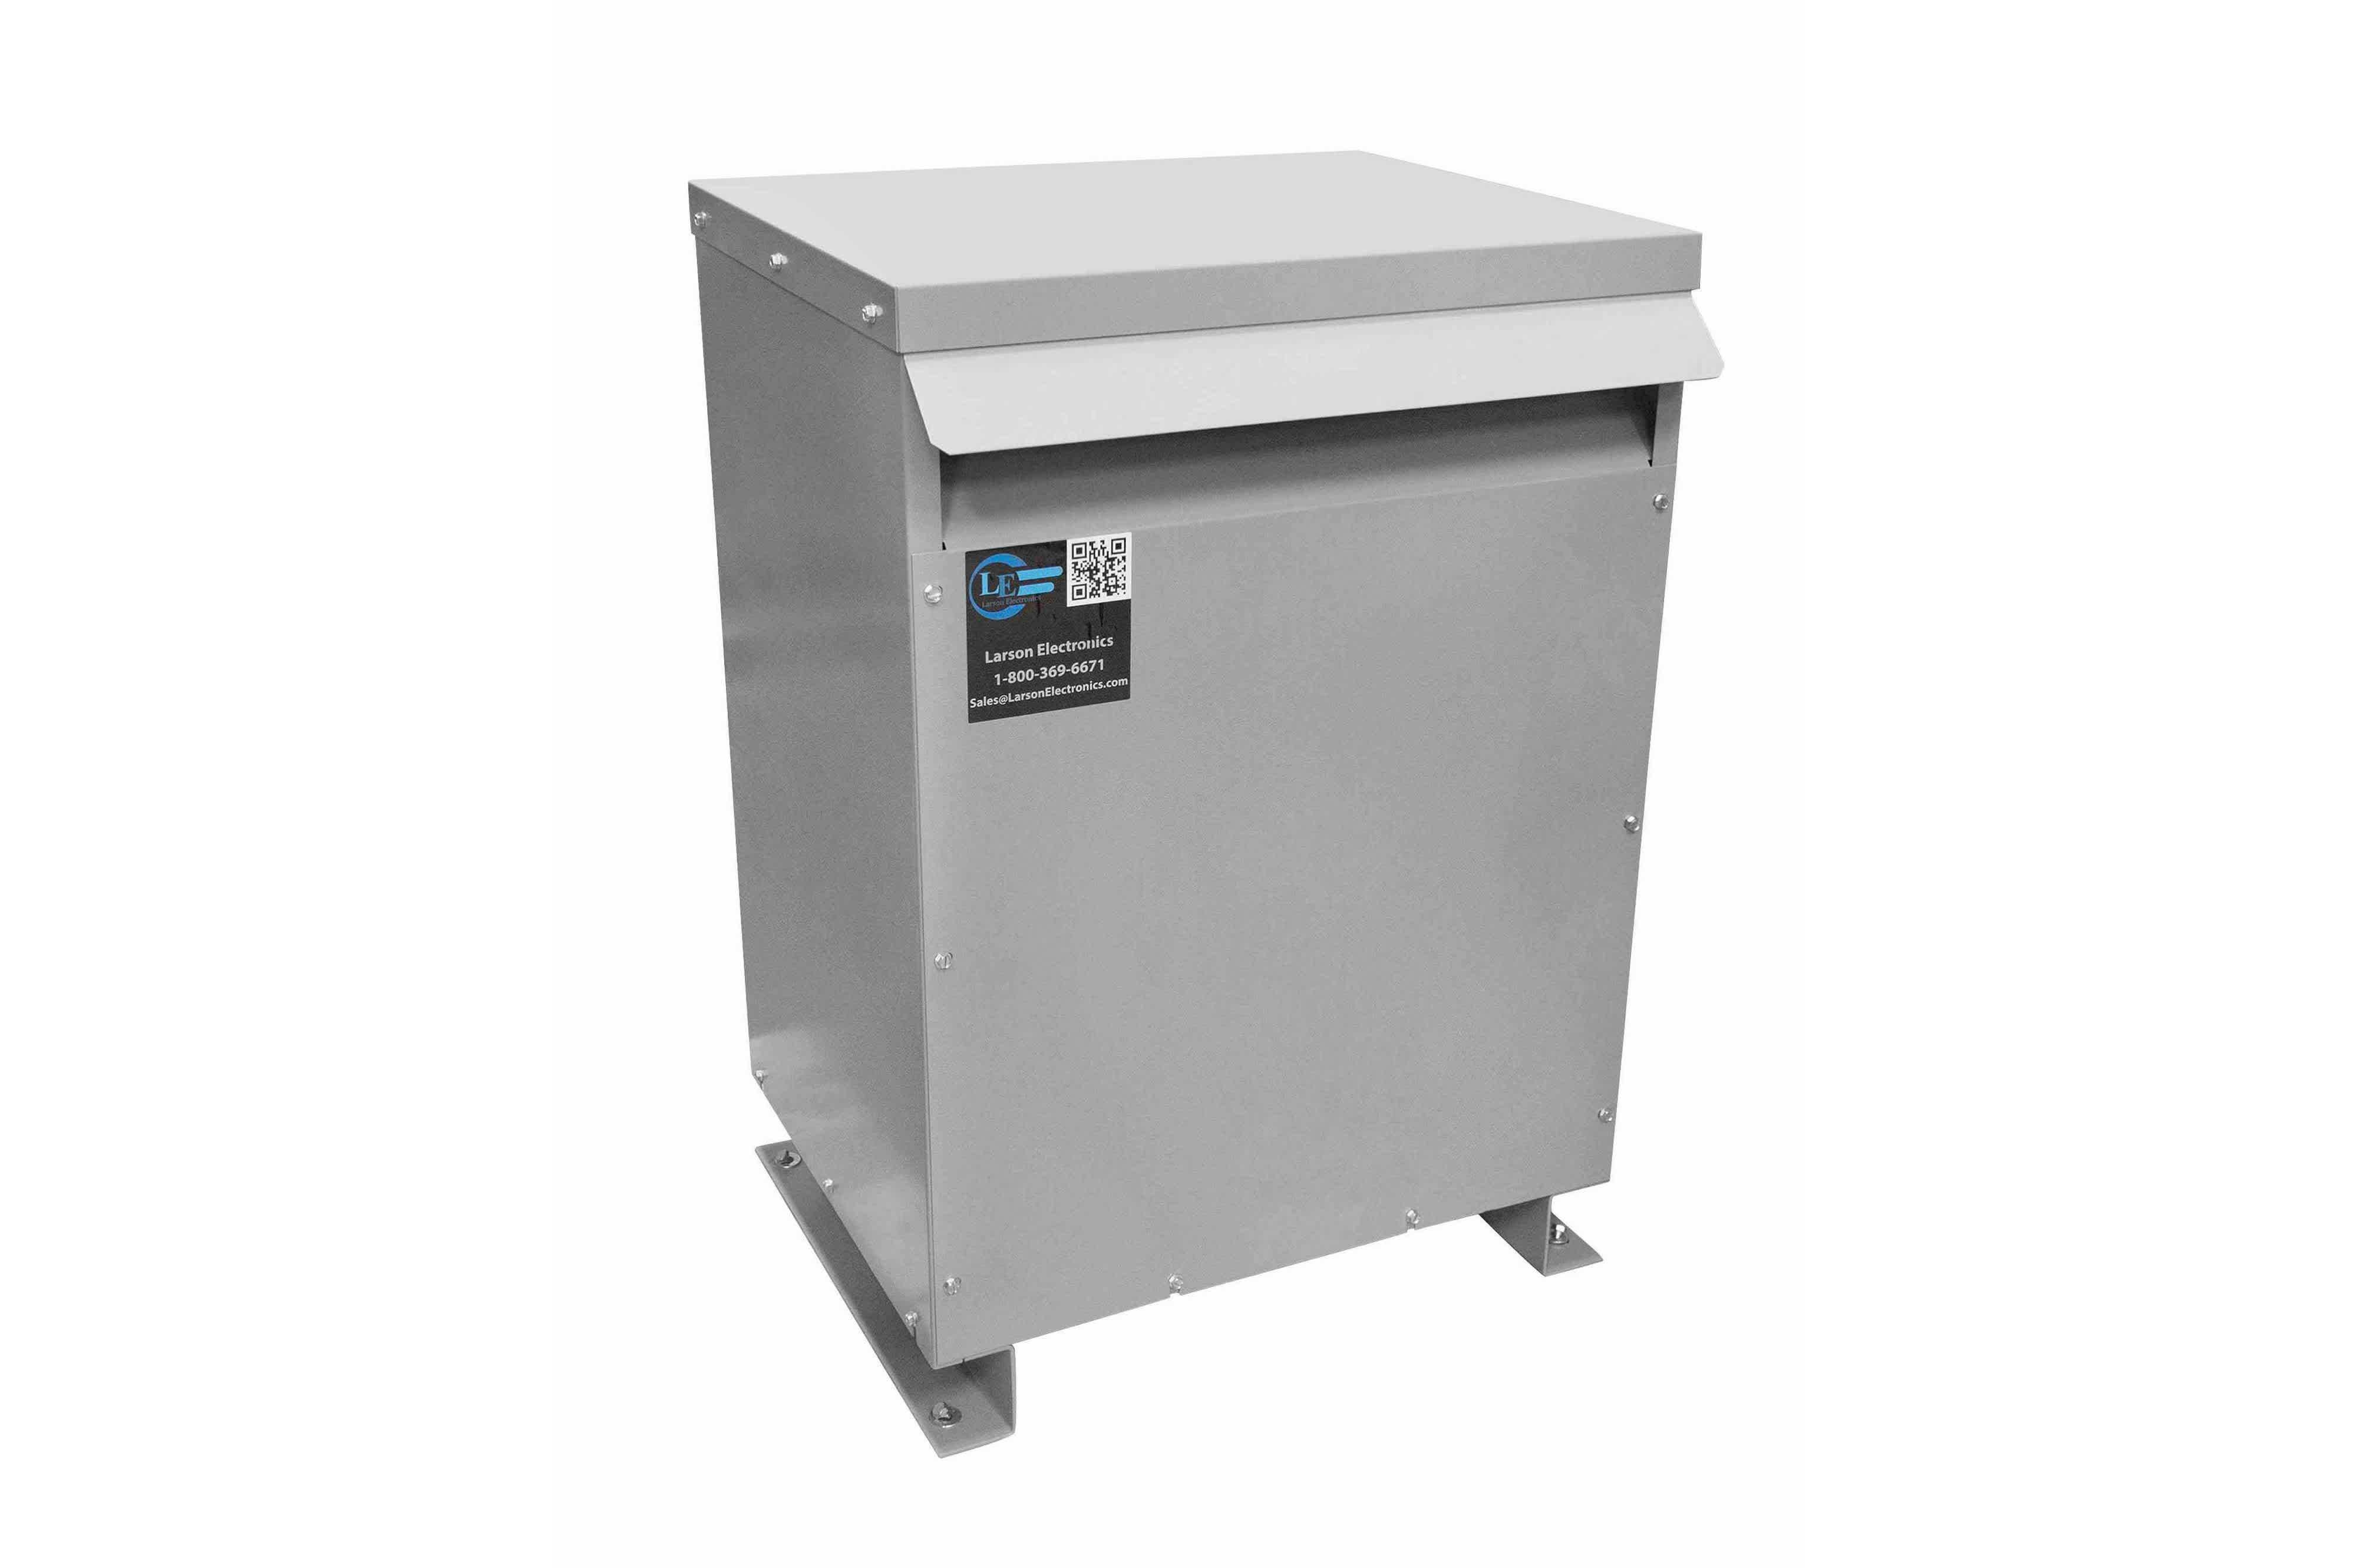 45 kVA 3PH Isolation Transformer, 480V Delta Primary, 380V Delta Secondary, N3R, Ventilated, 60 Hz